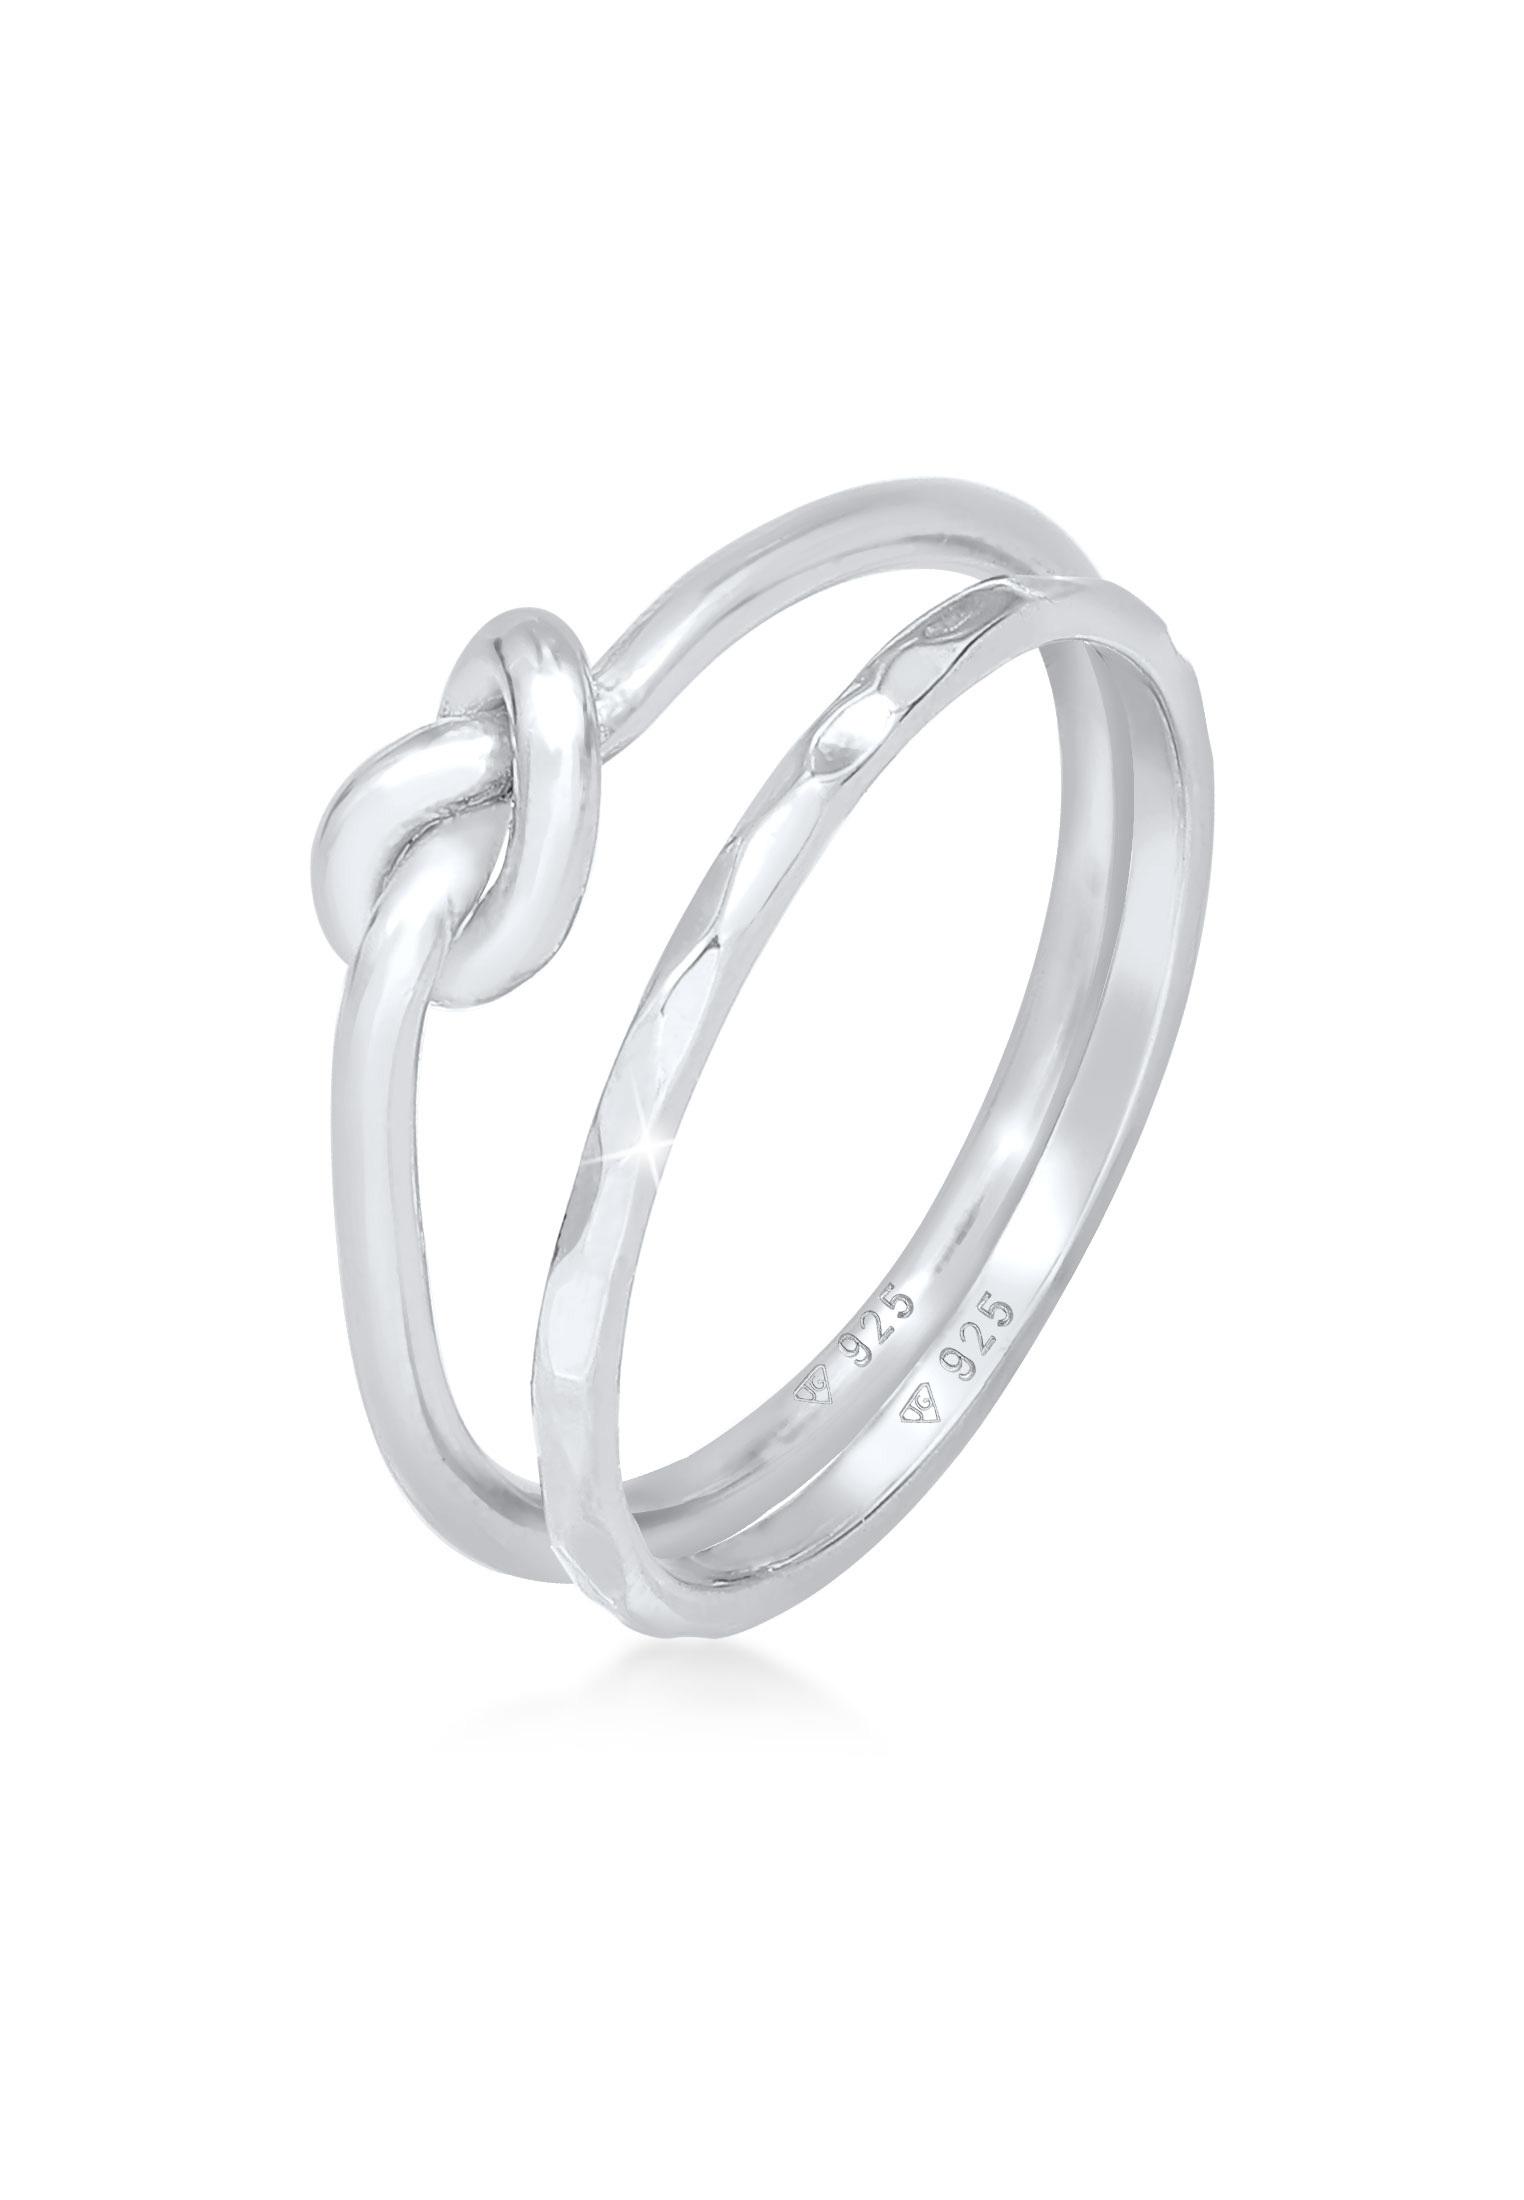 Ringset Knoten | 925er Sterling Silber